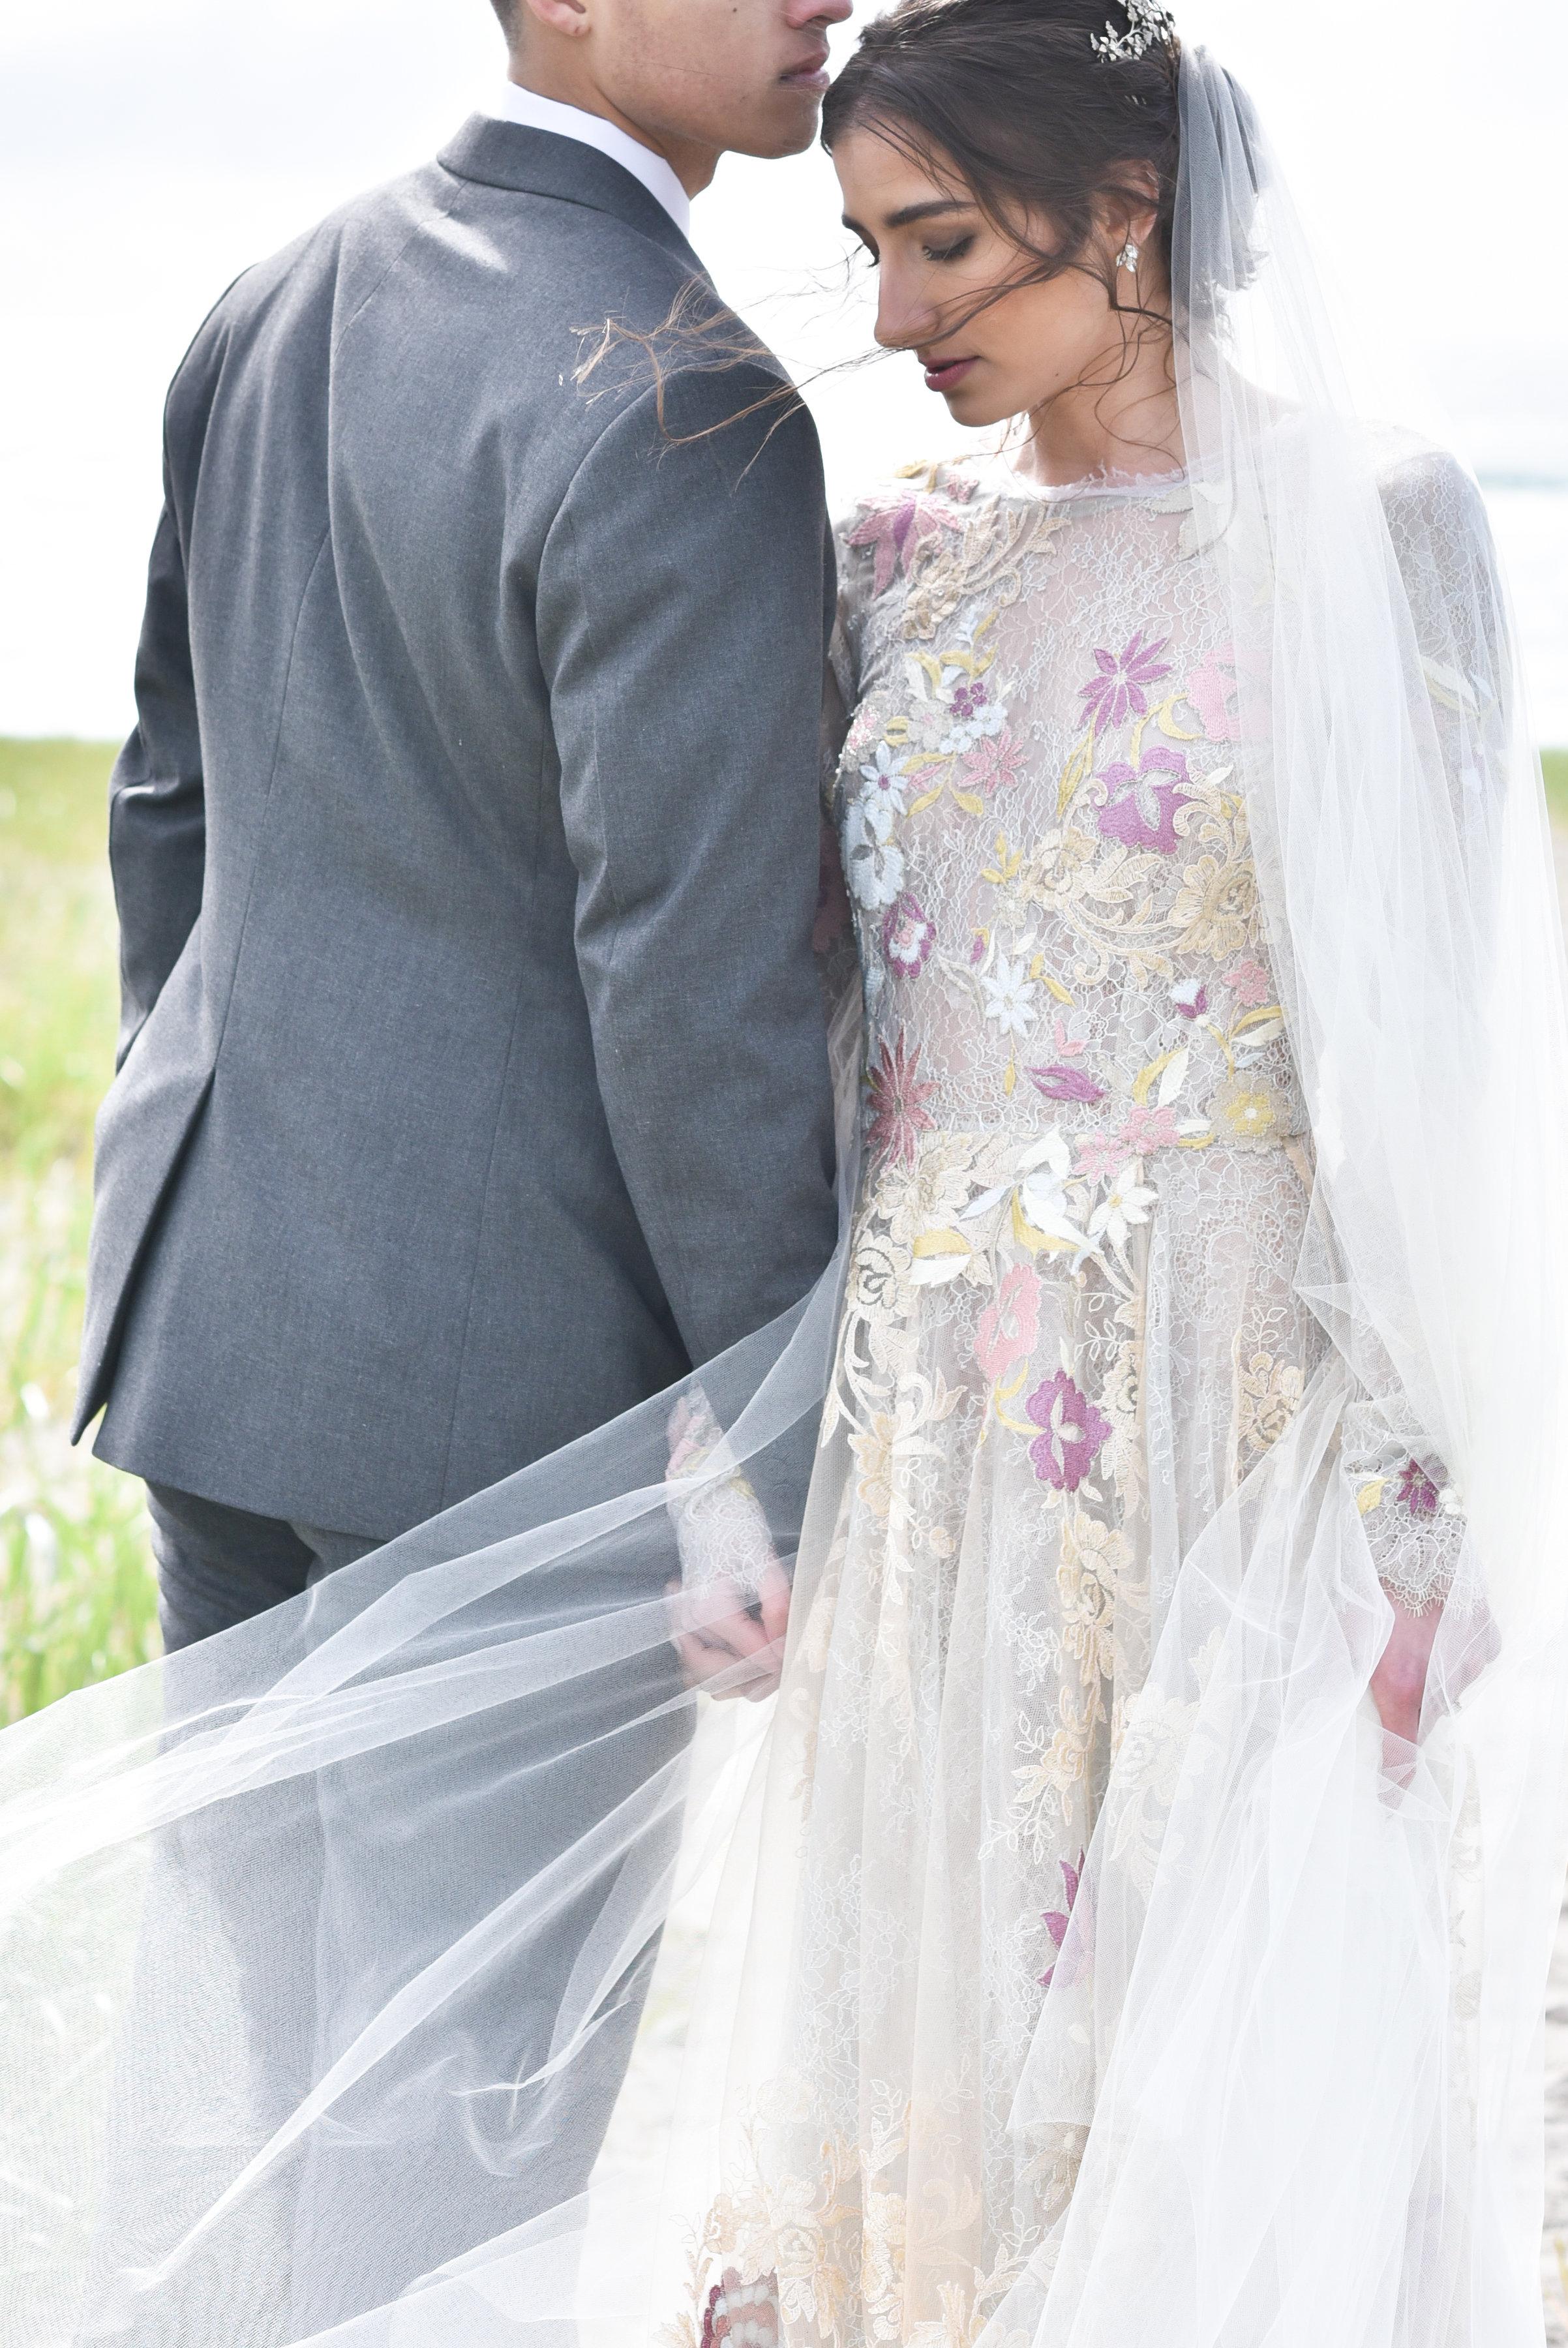 Bride+Groom-38.jpg